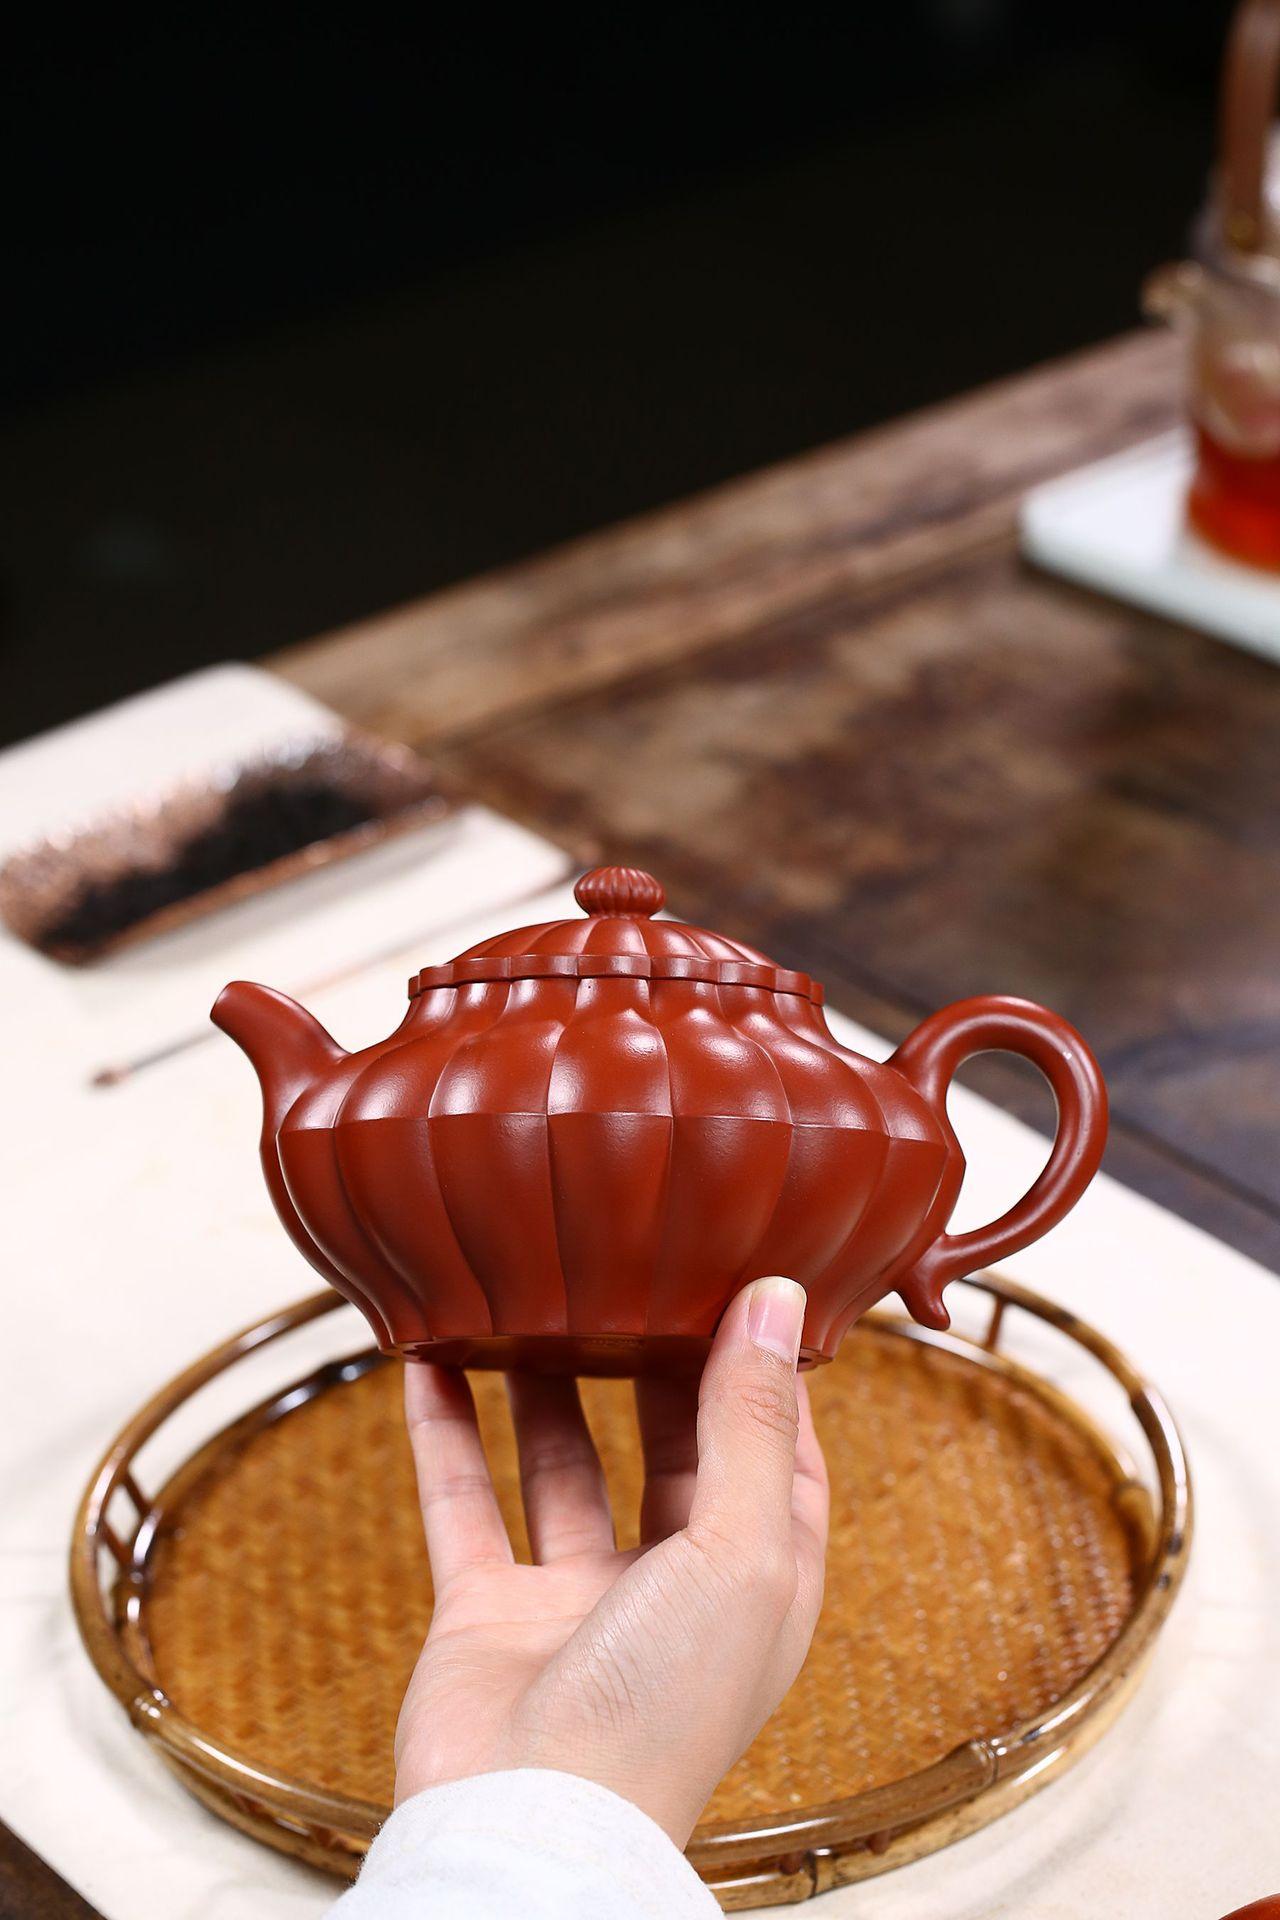 高鳴商城 宜興紫砂茶具原礦大紅袍筋紋潘壺紫砂壺名家手工茶壺茶具定制 編號a005